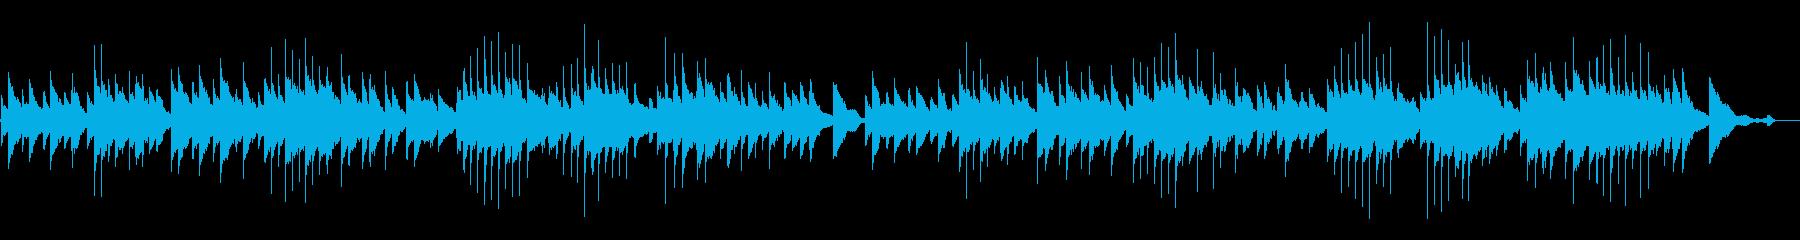 サティーのジムノペディ1番です(原曲)の再生済みの波形